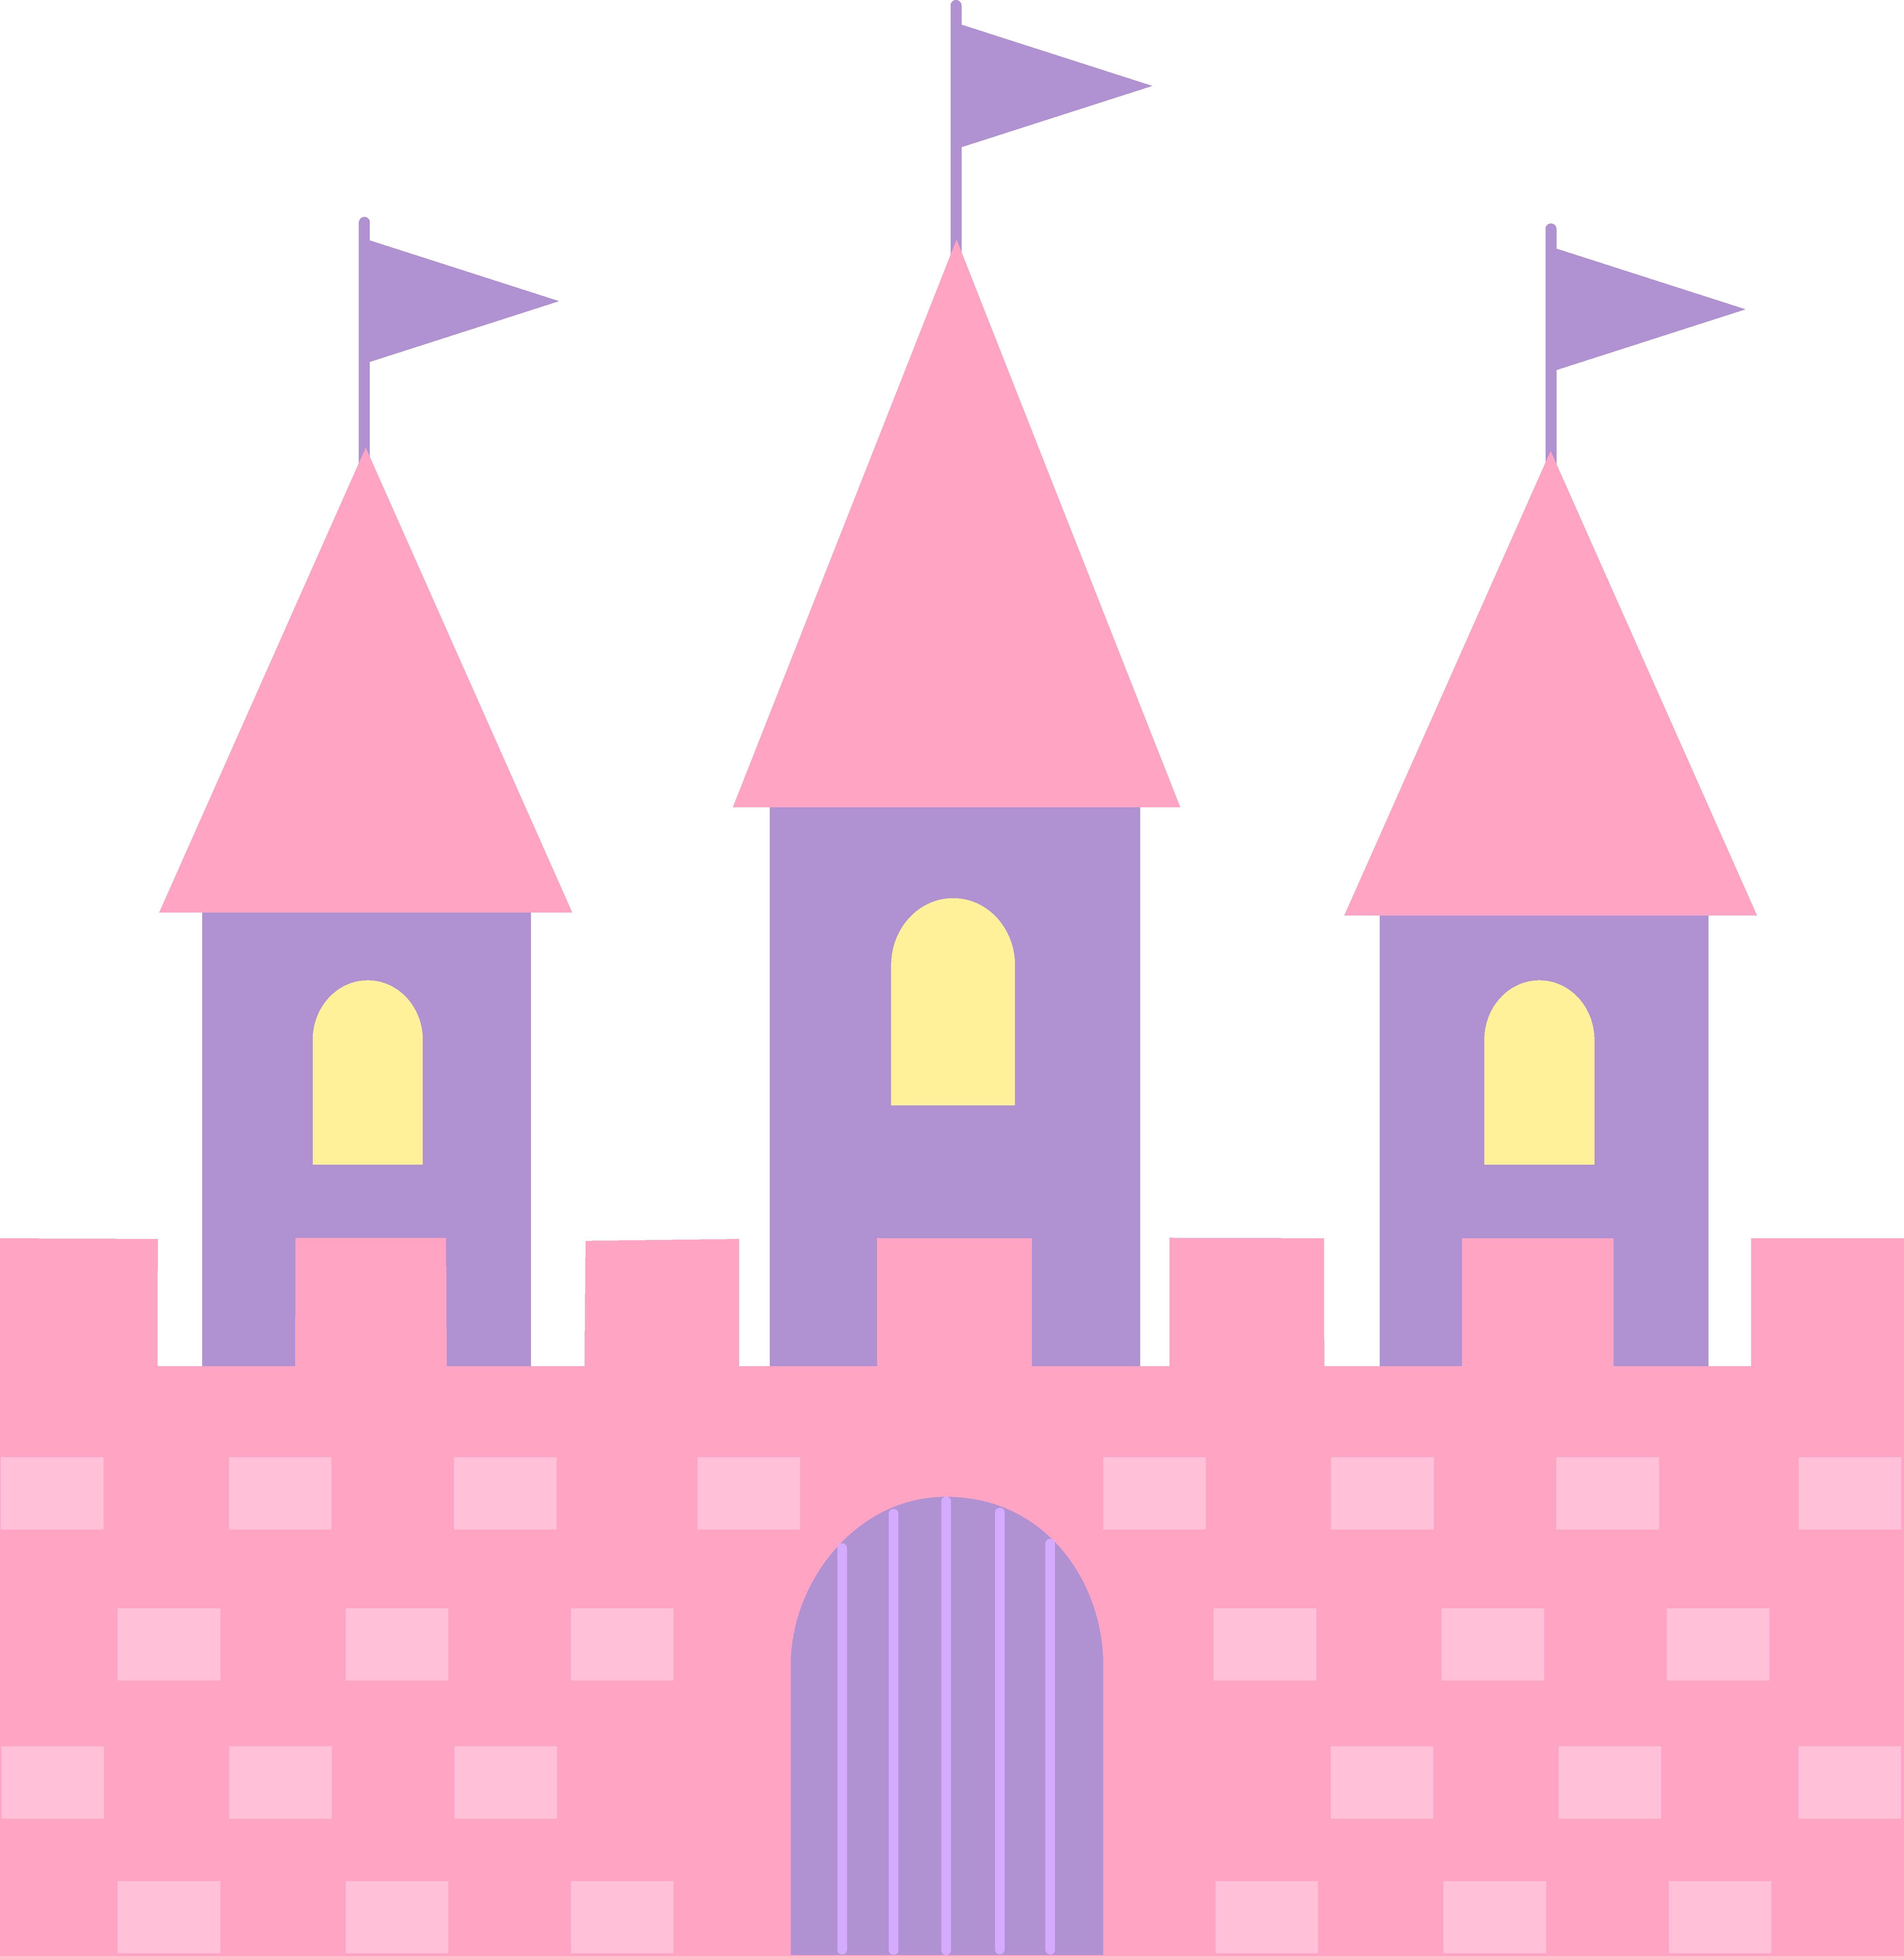 Princess castle . Palace clipart illustration